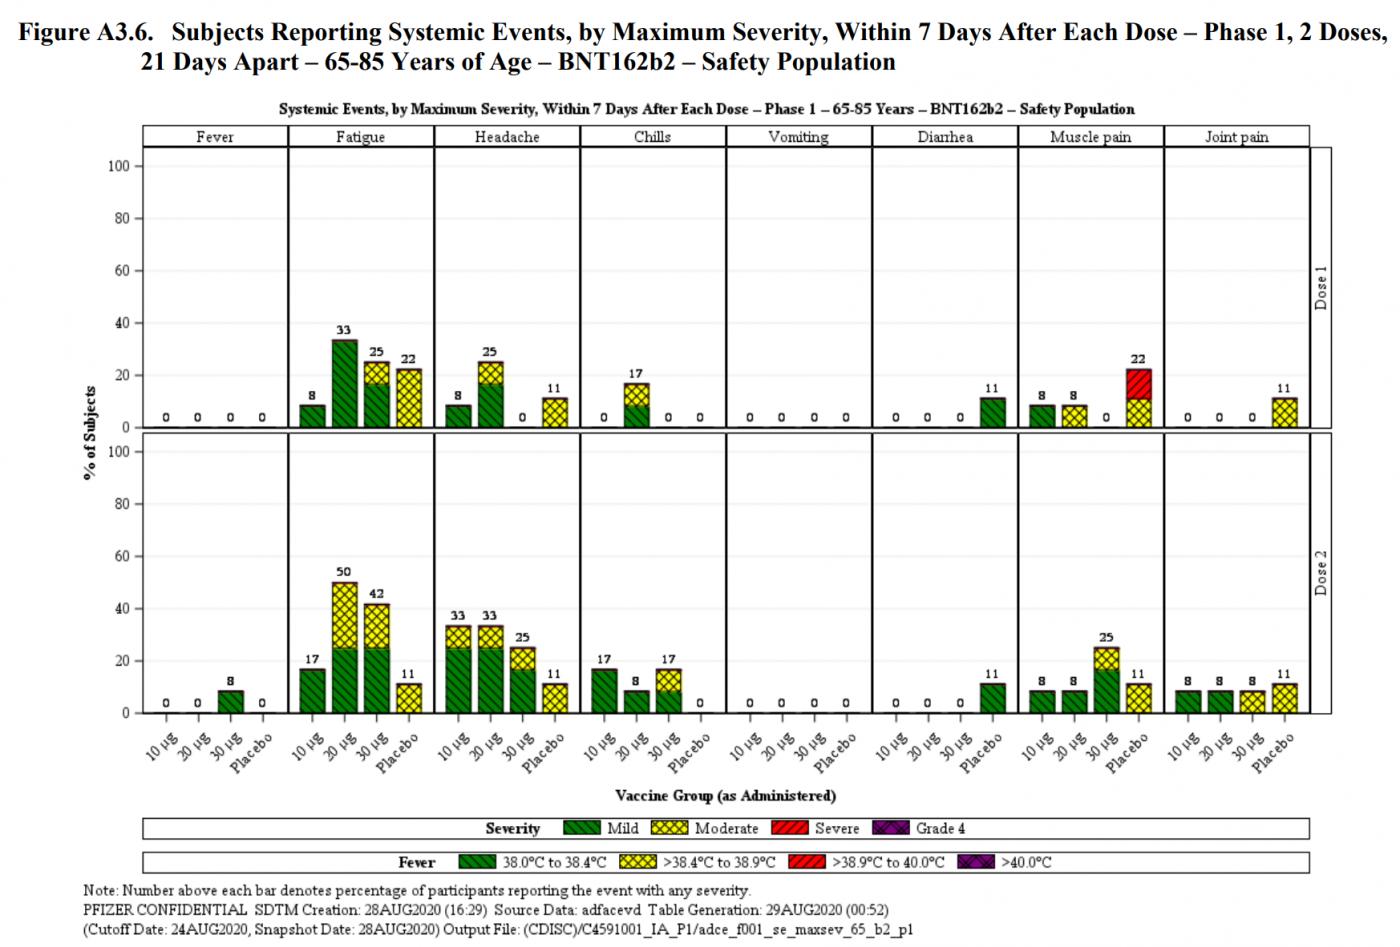 《辉瑞》疫苗获批准星期一开始接种_图1-2